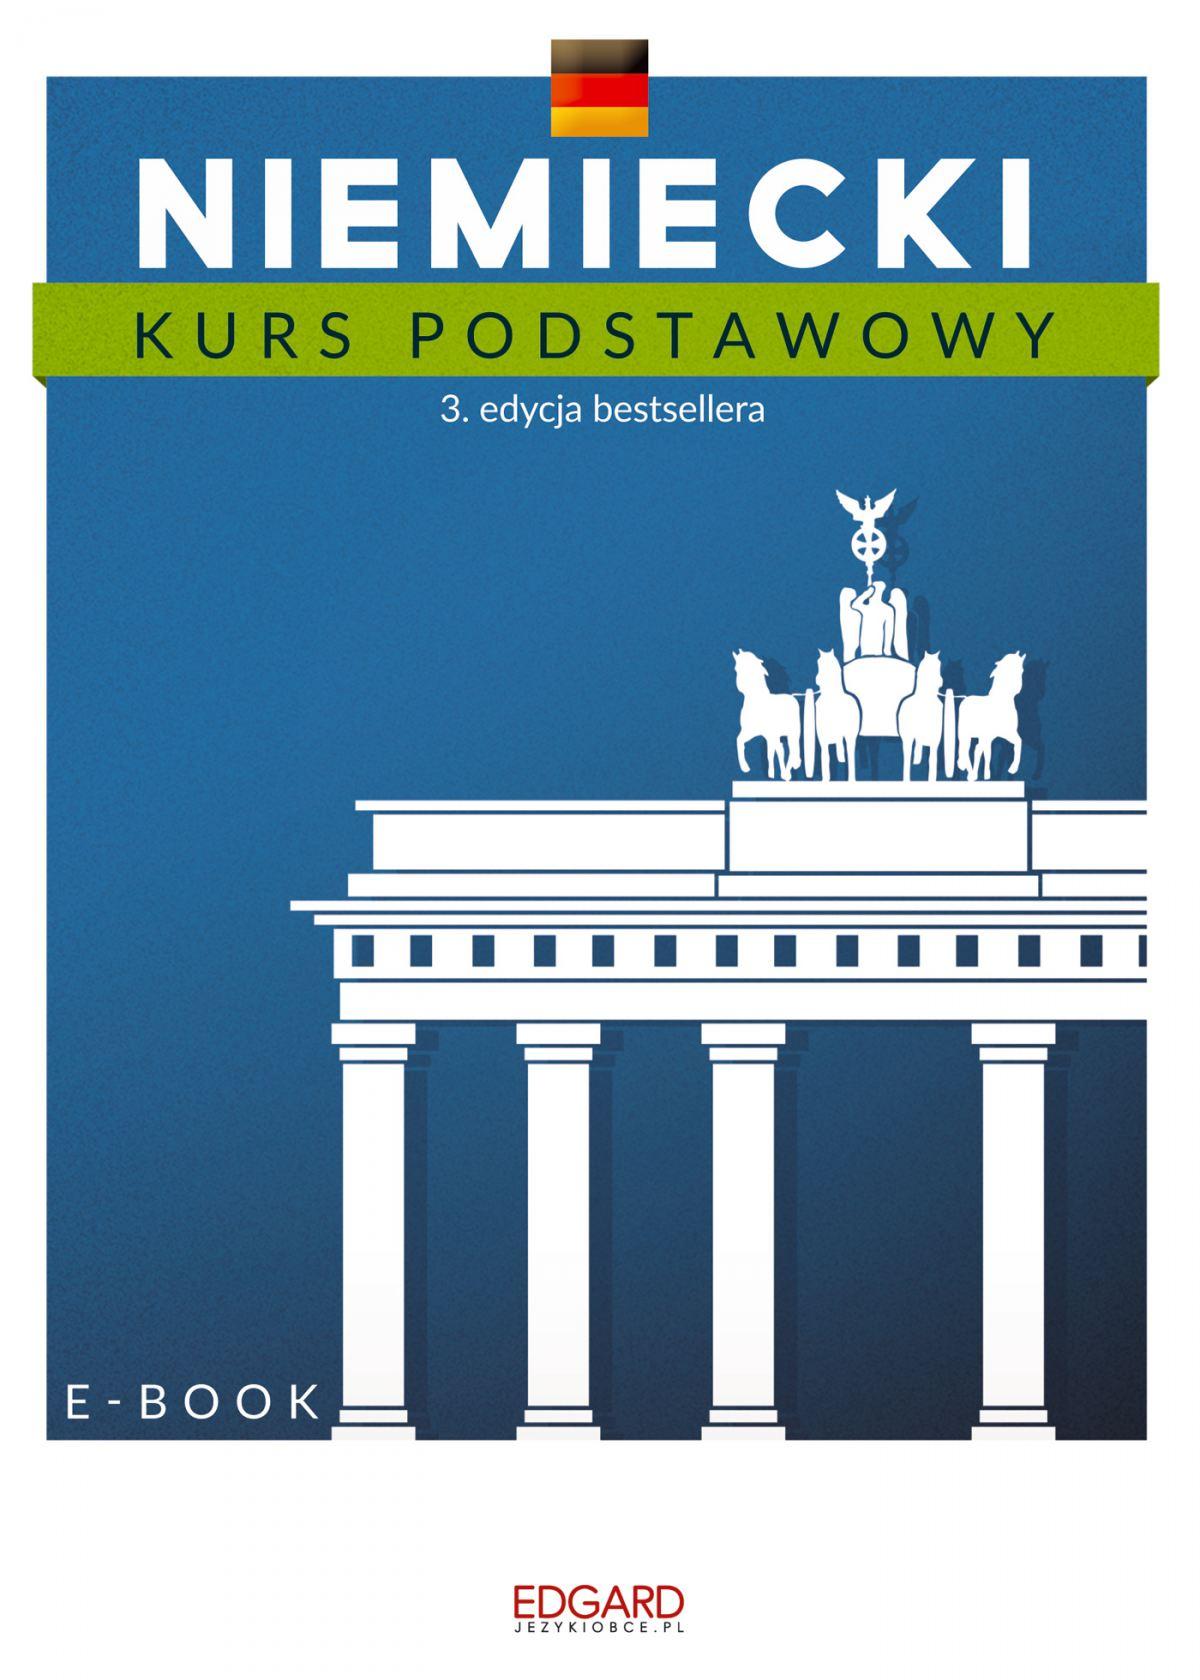 Niemiecki Kurs podstawowy 3. edycja - Ebook (Książka na Kindle) do pobrania w formacie MOBI